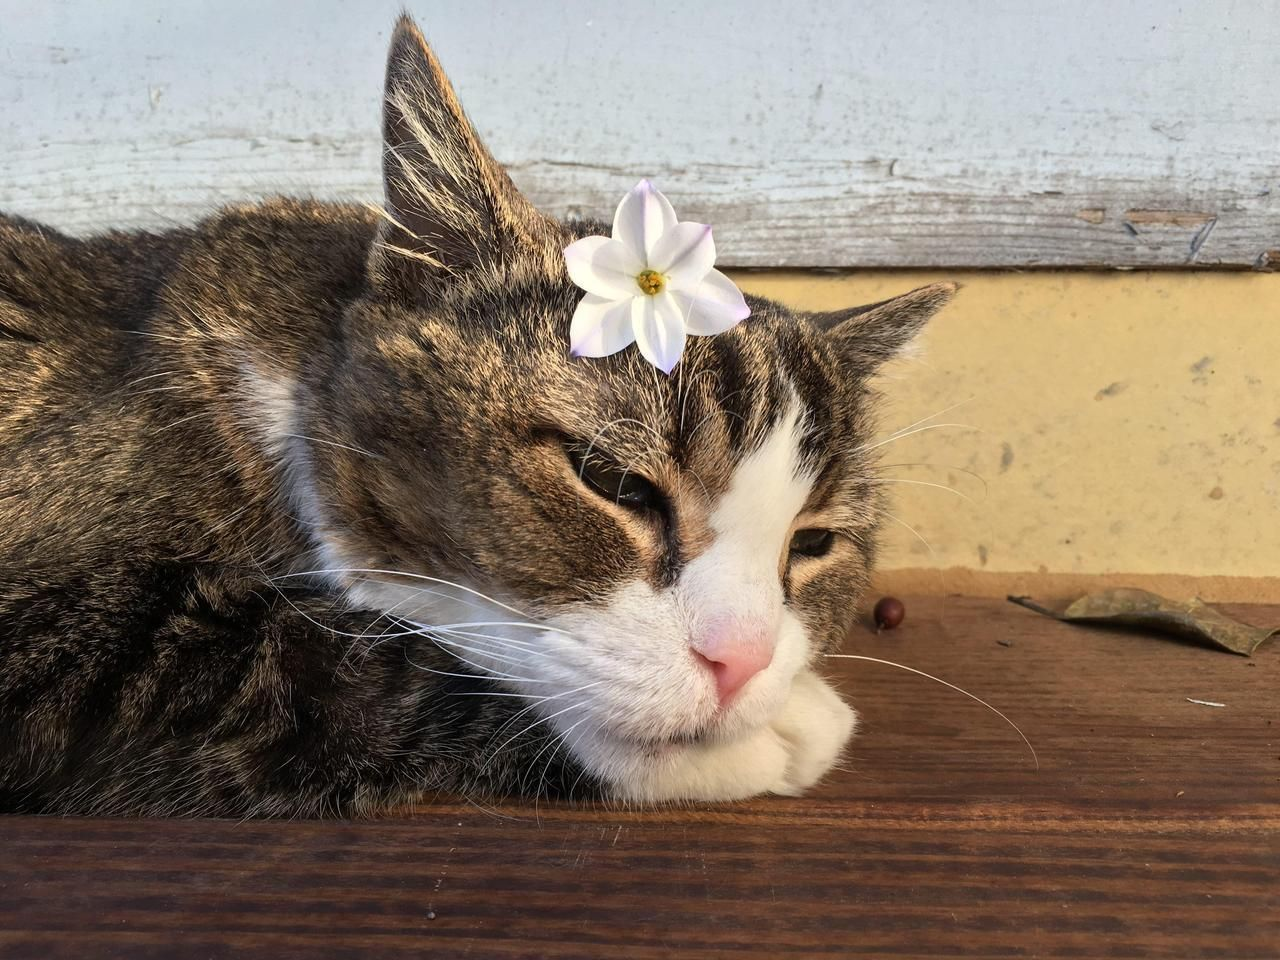 Cats Center Cute cats photos, Cats, Kittens cutest